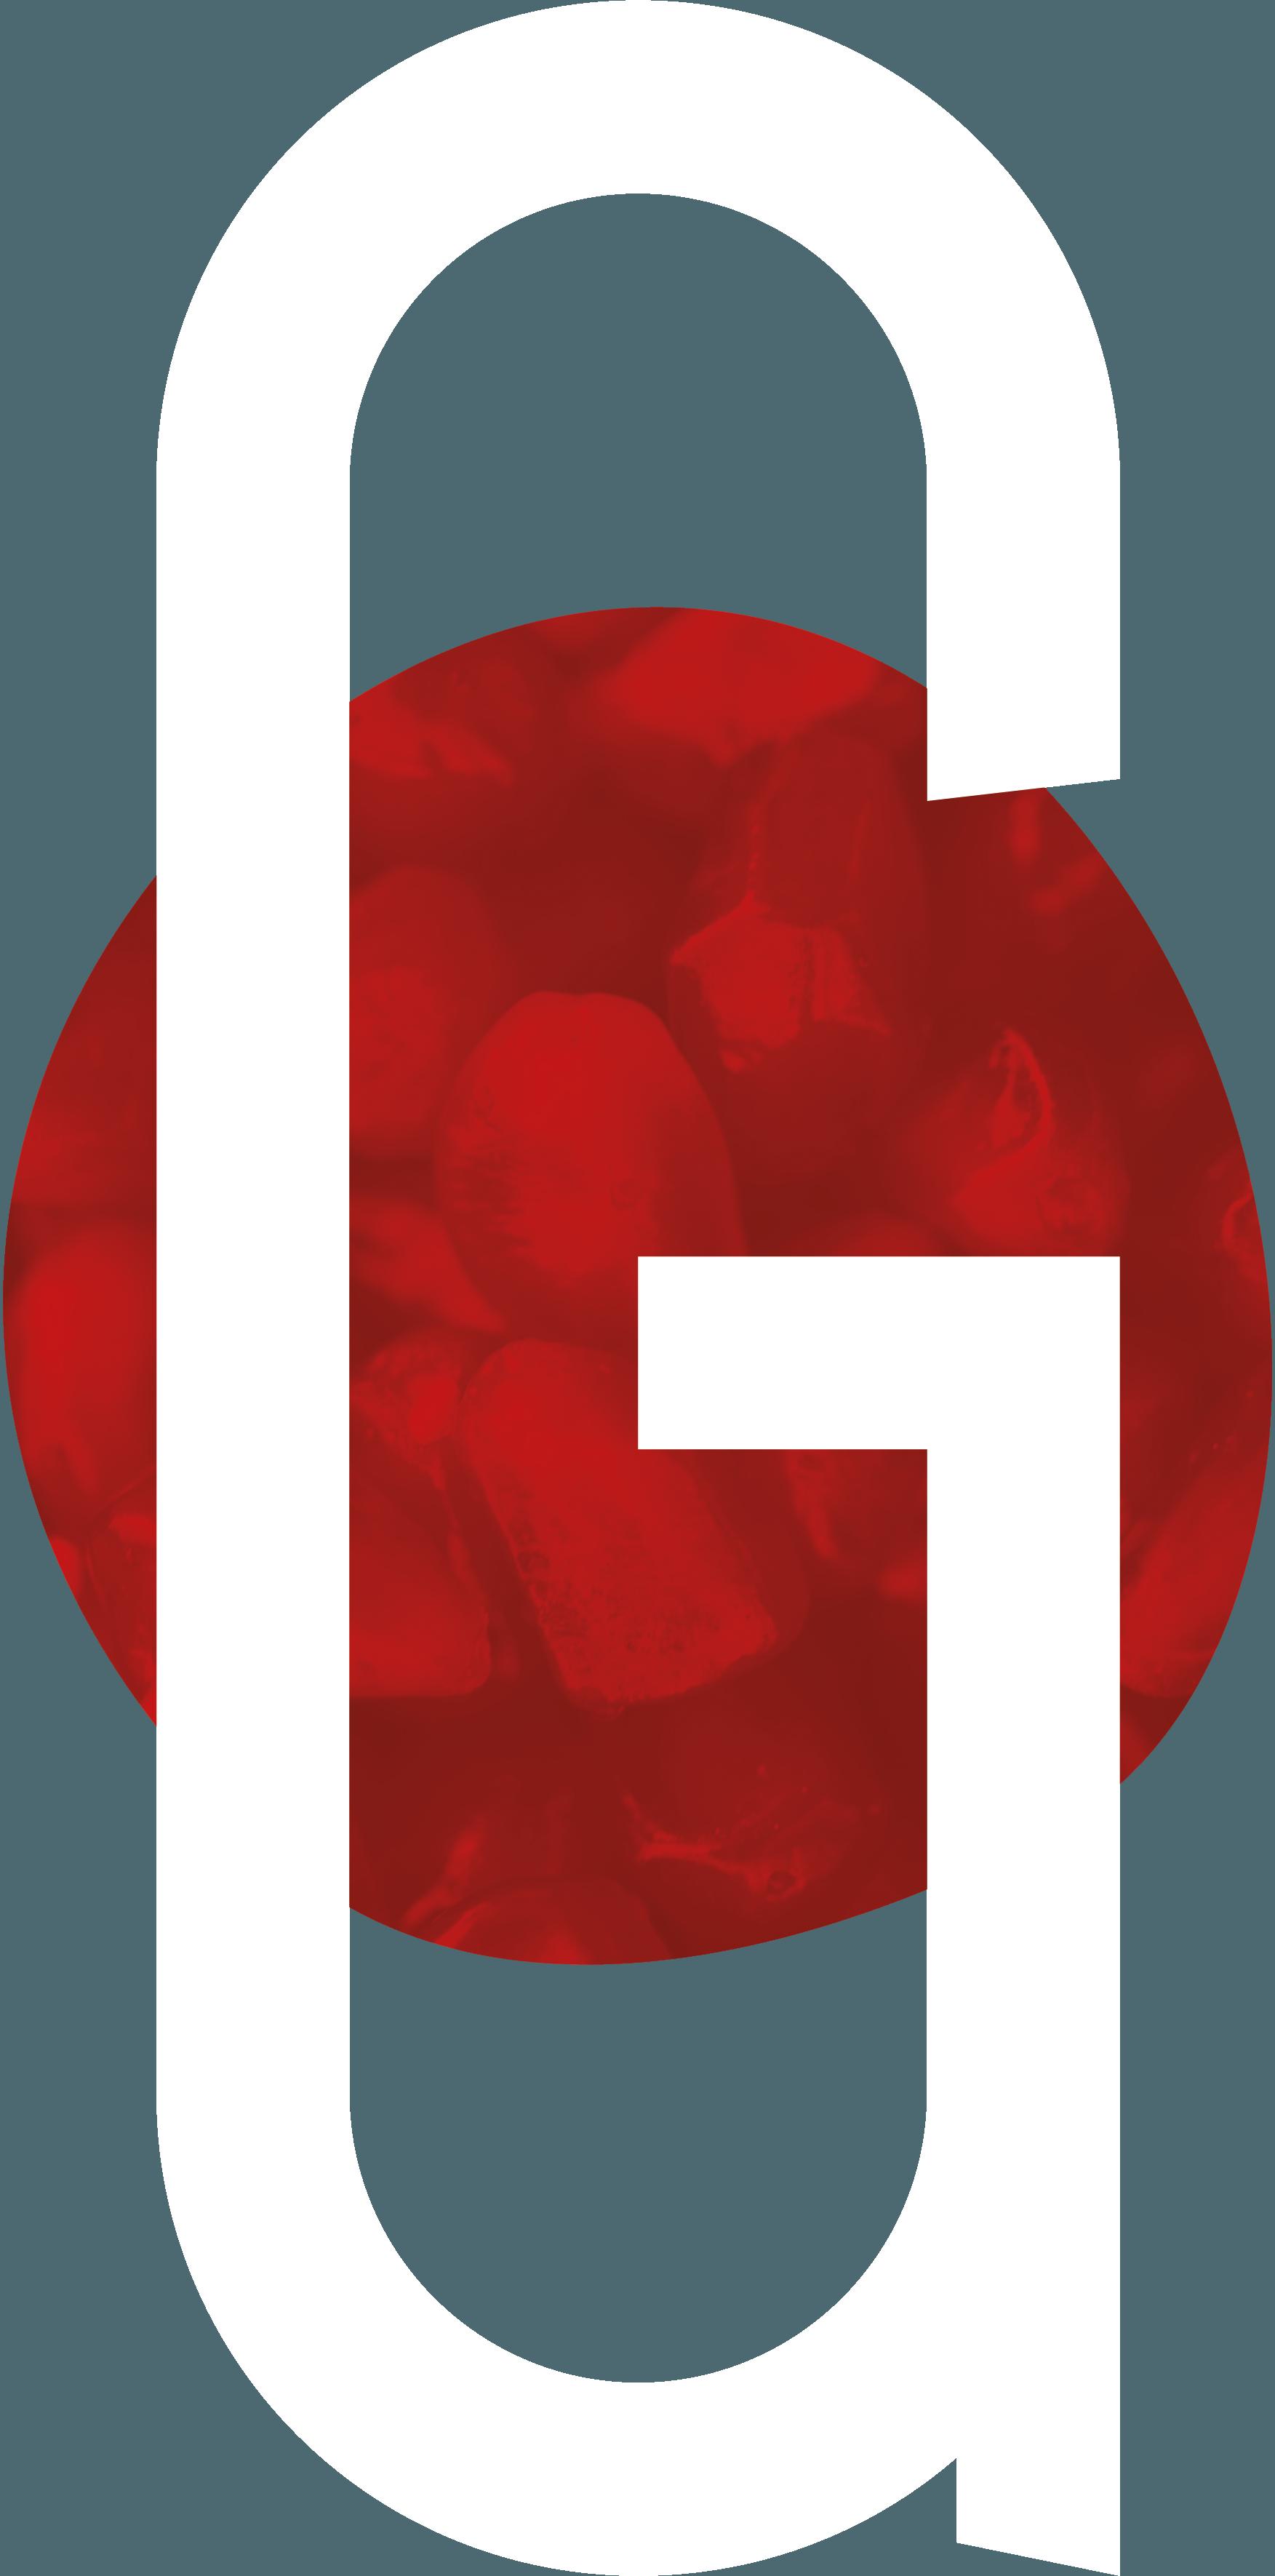 Gastrobar 't Genoegen